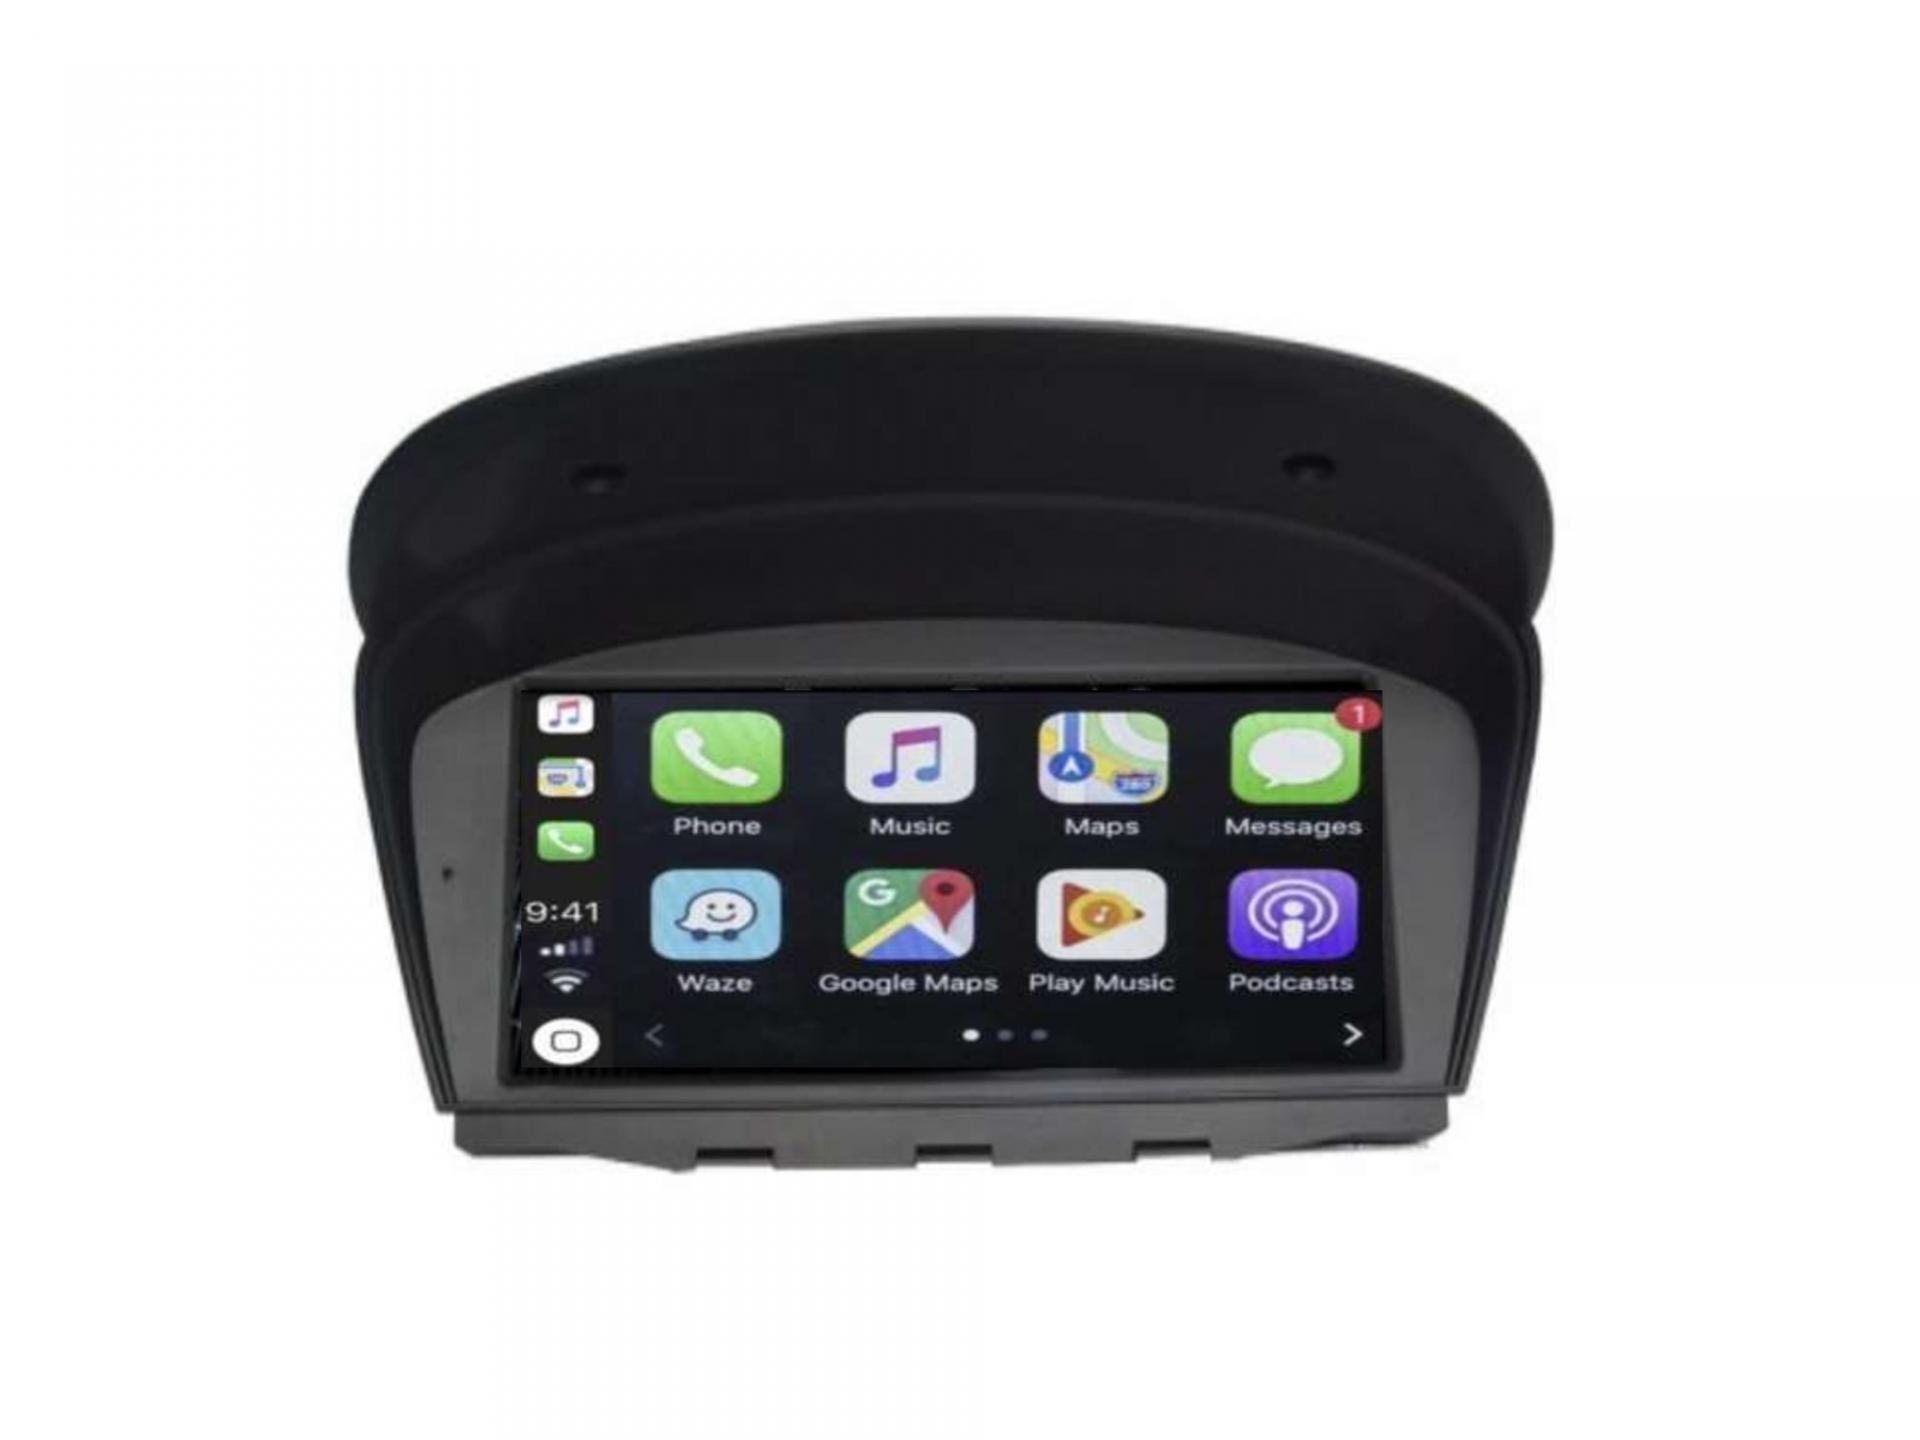 Autoradio gps carplay android auto bluetooth bmw serie 5 m5 e60 serie 6 e63 e64 serie 3 e90 7